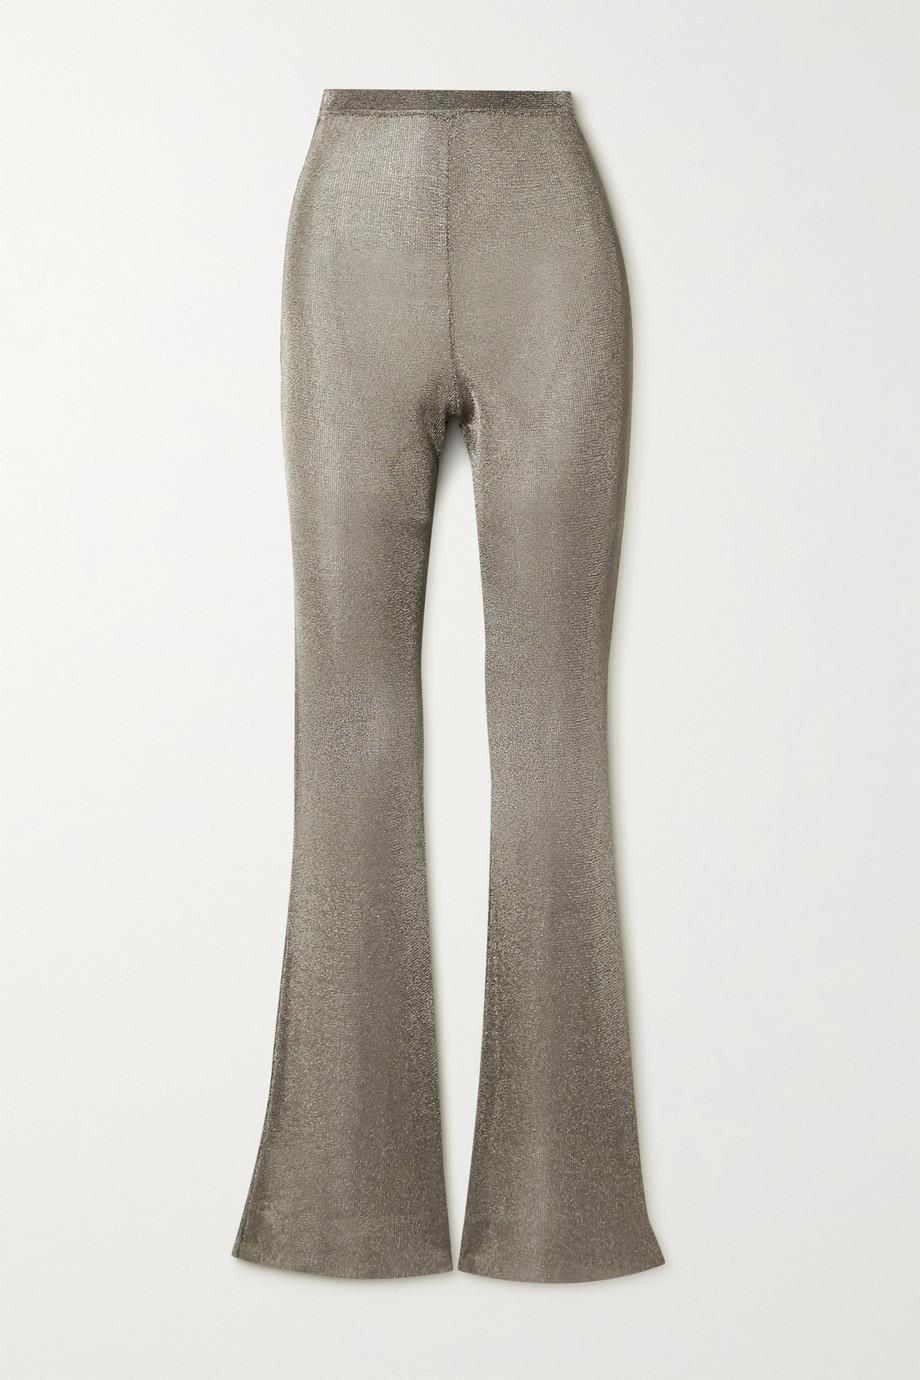 Mugler Metallic knitted flared pants